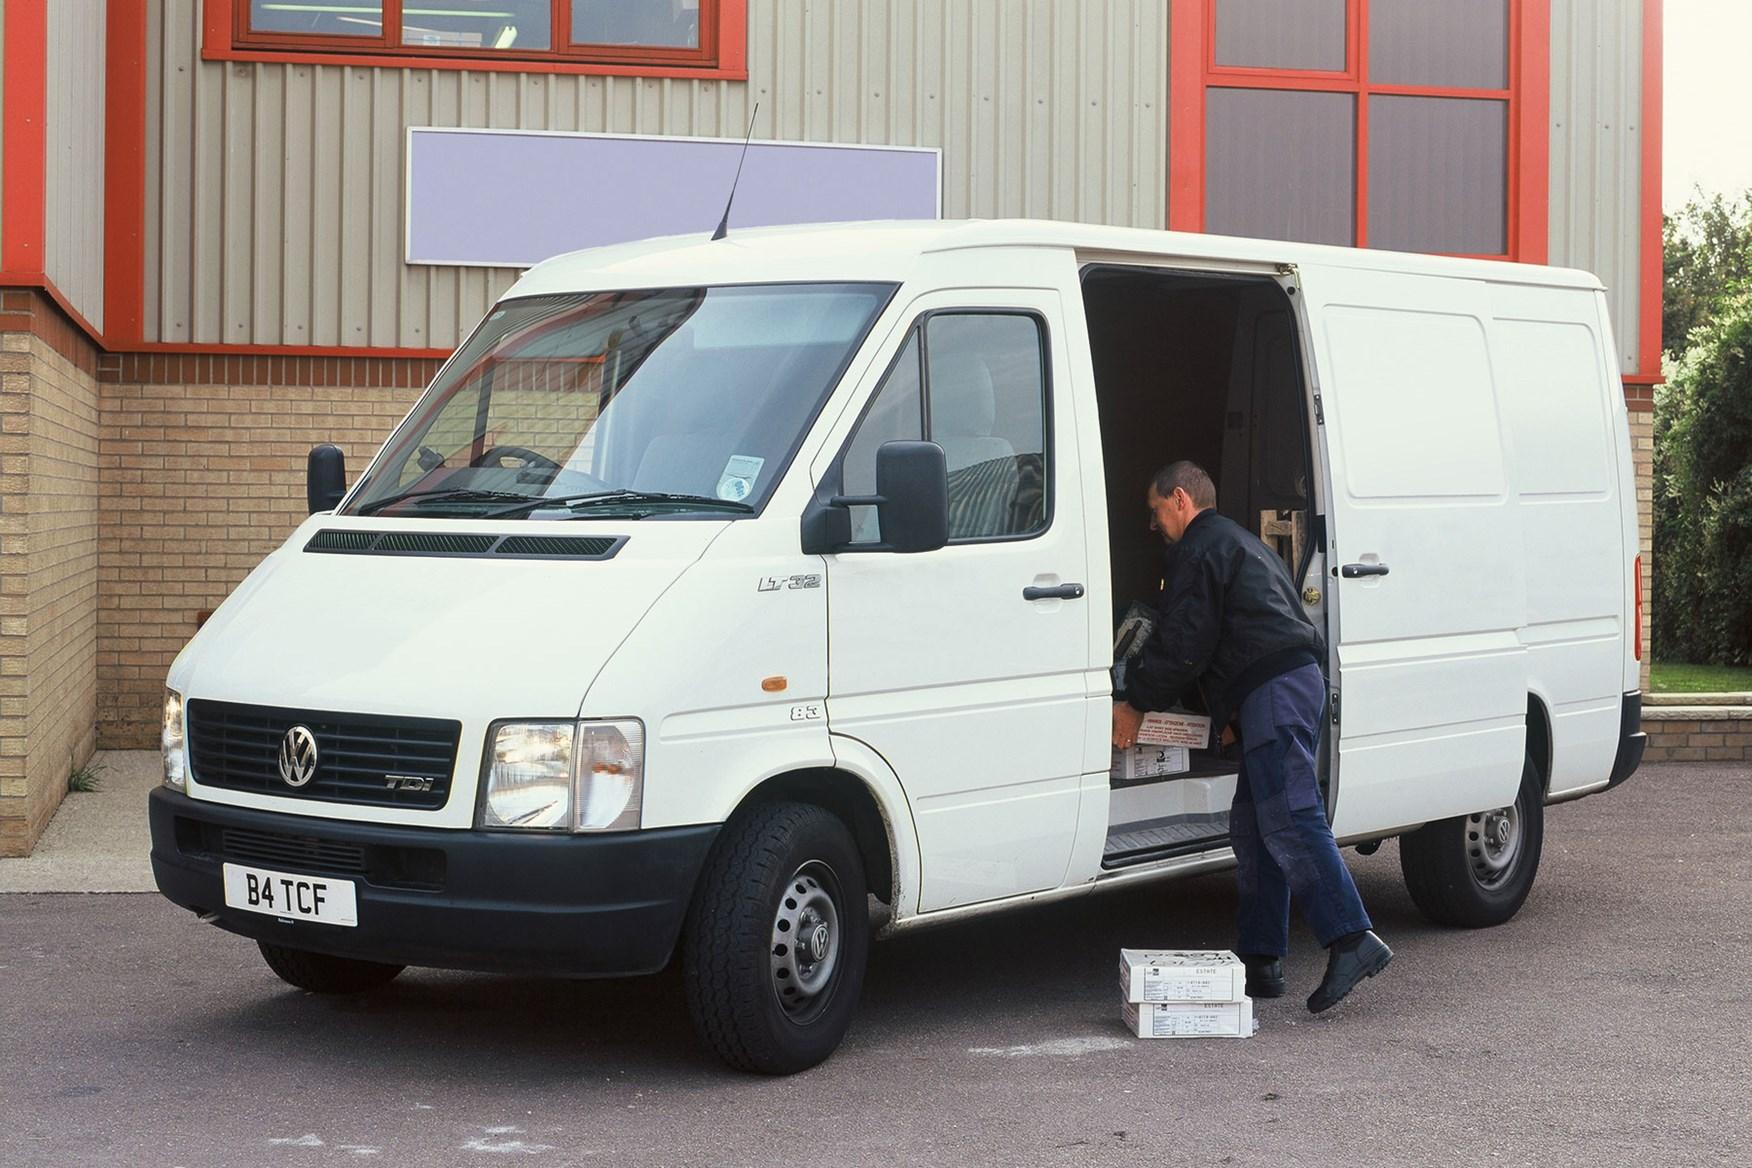 VW LT (1996-2006) load capacity